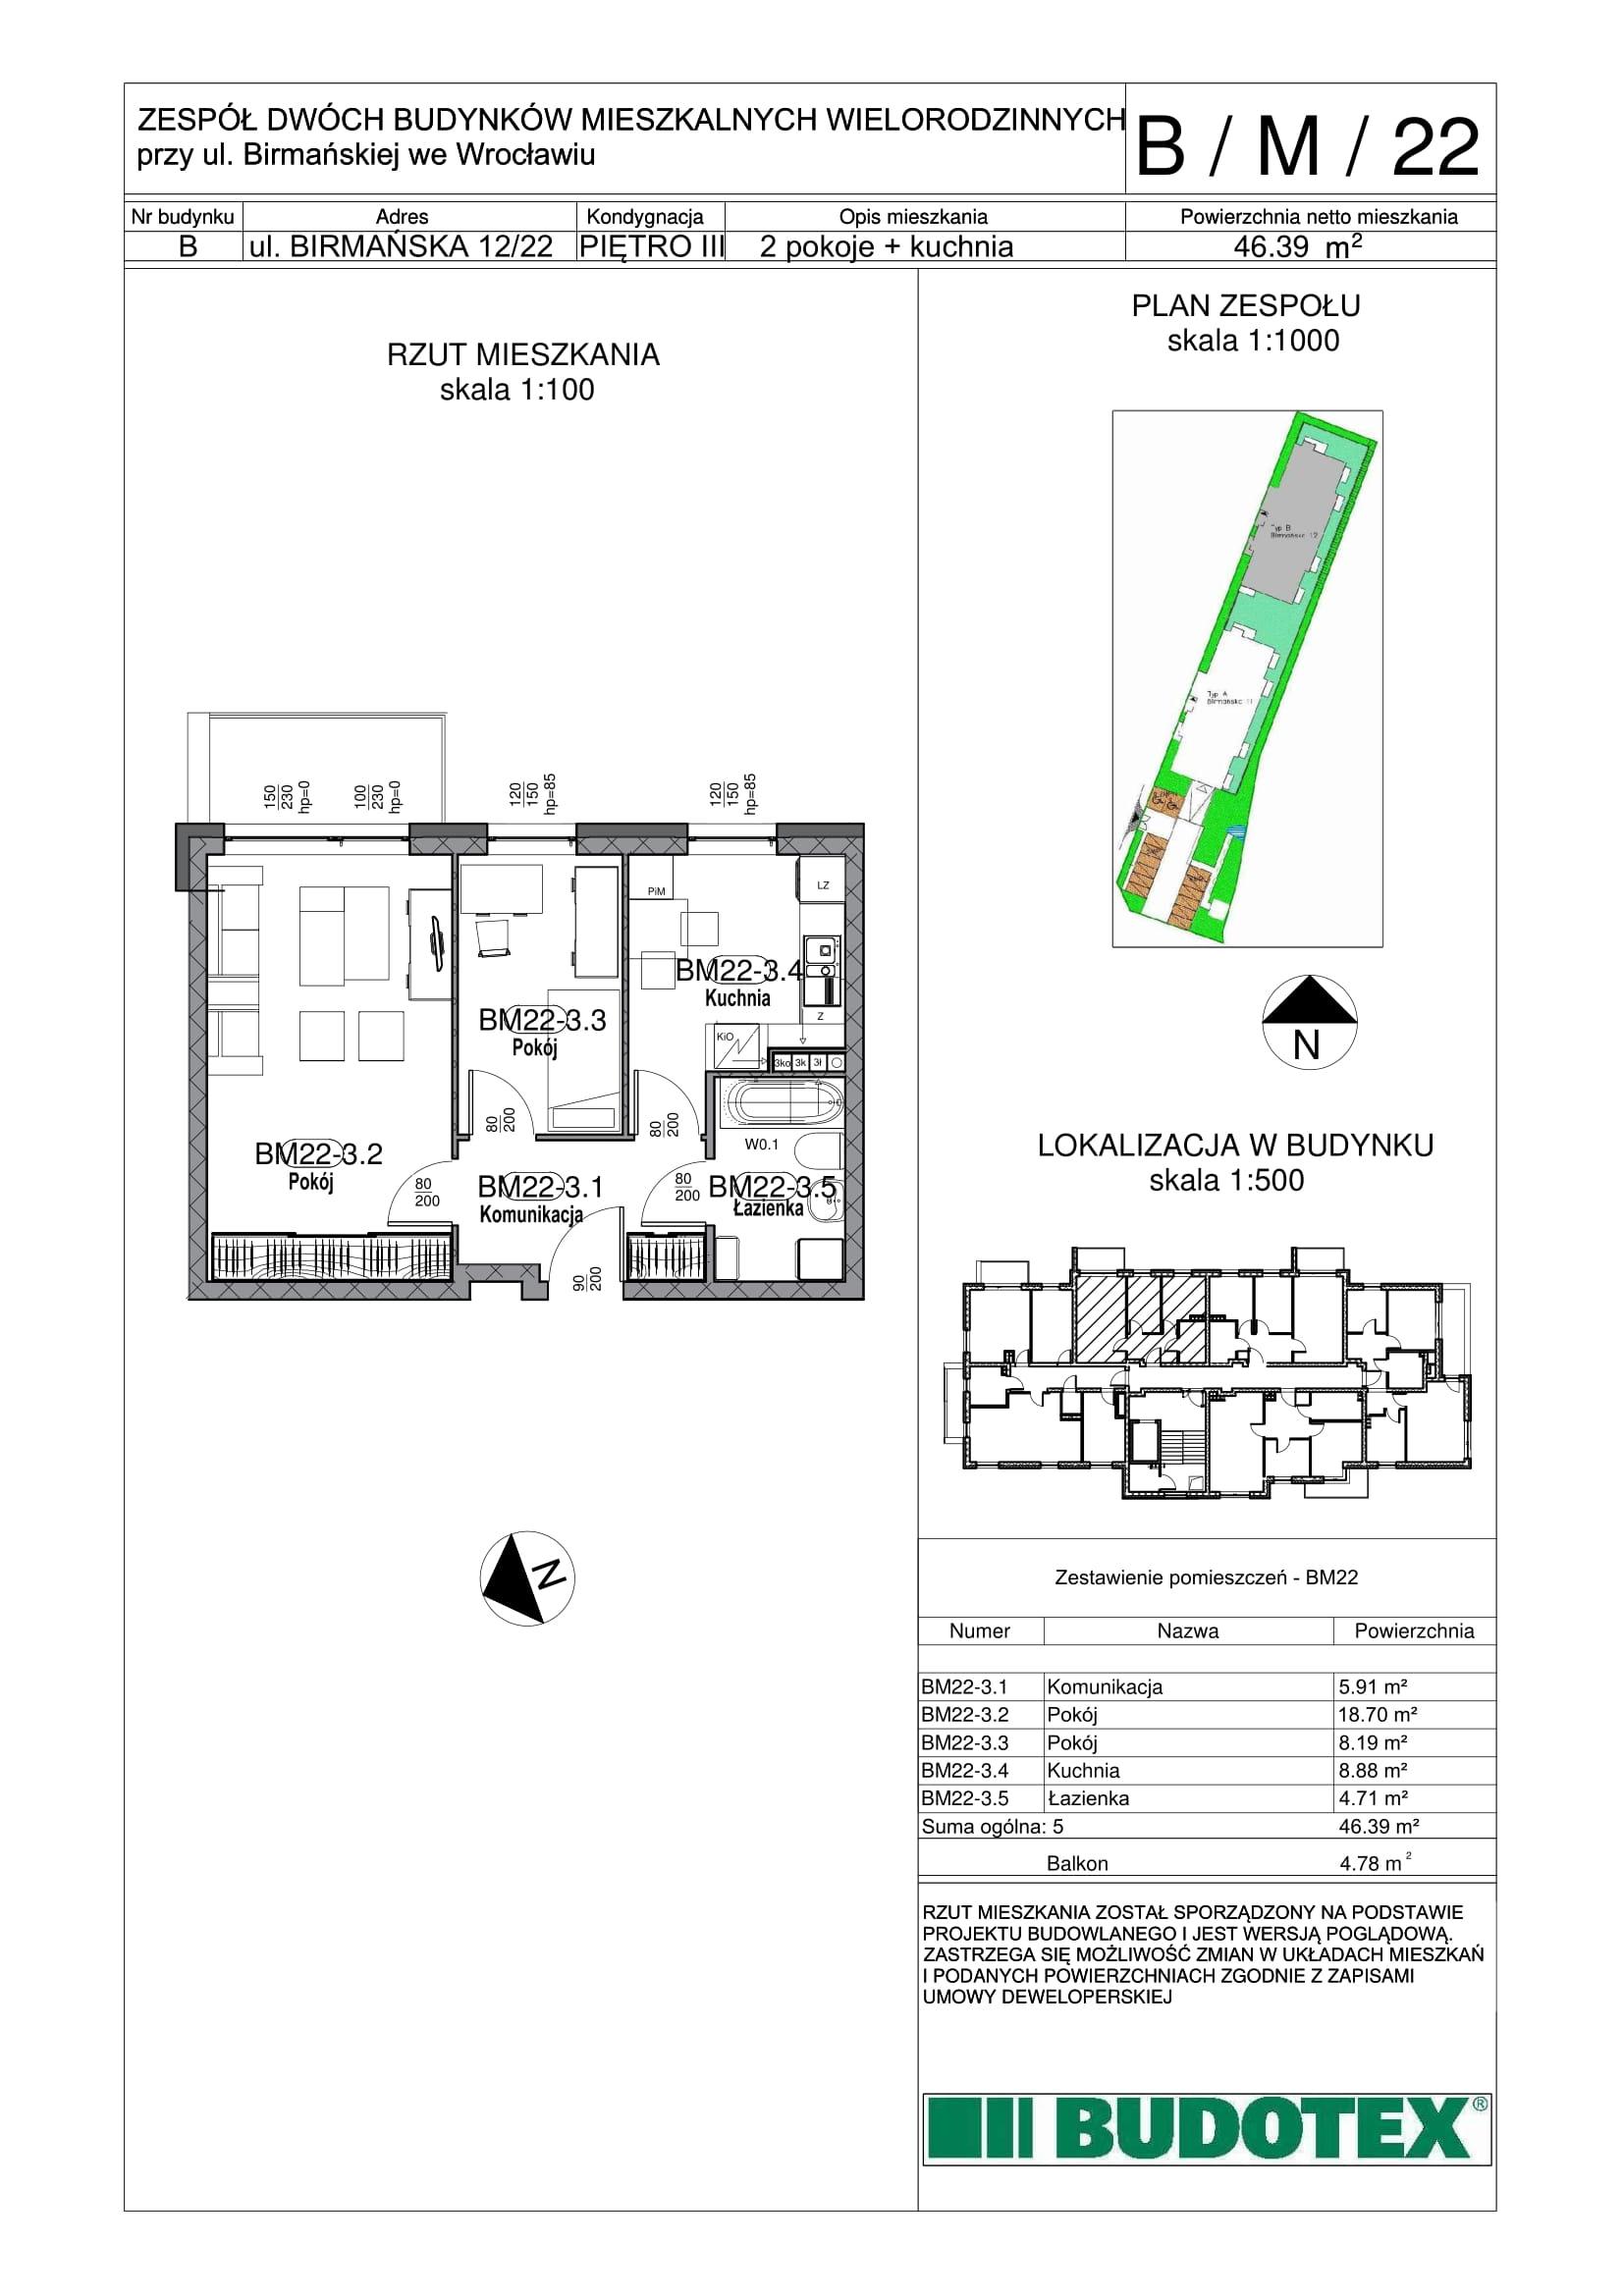 Mieszkanie nr B/M/22